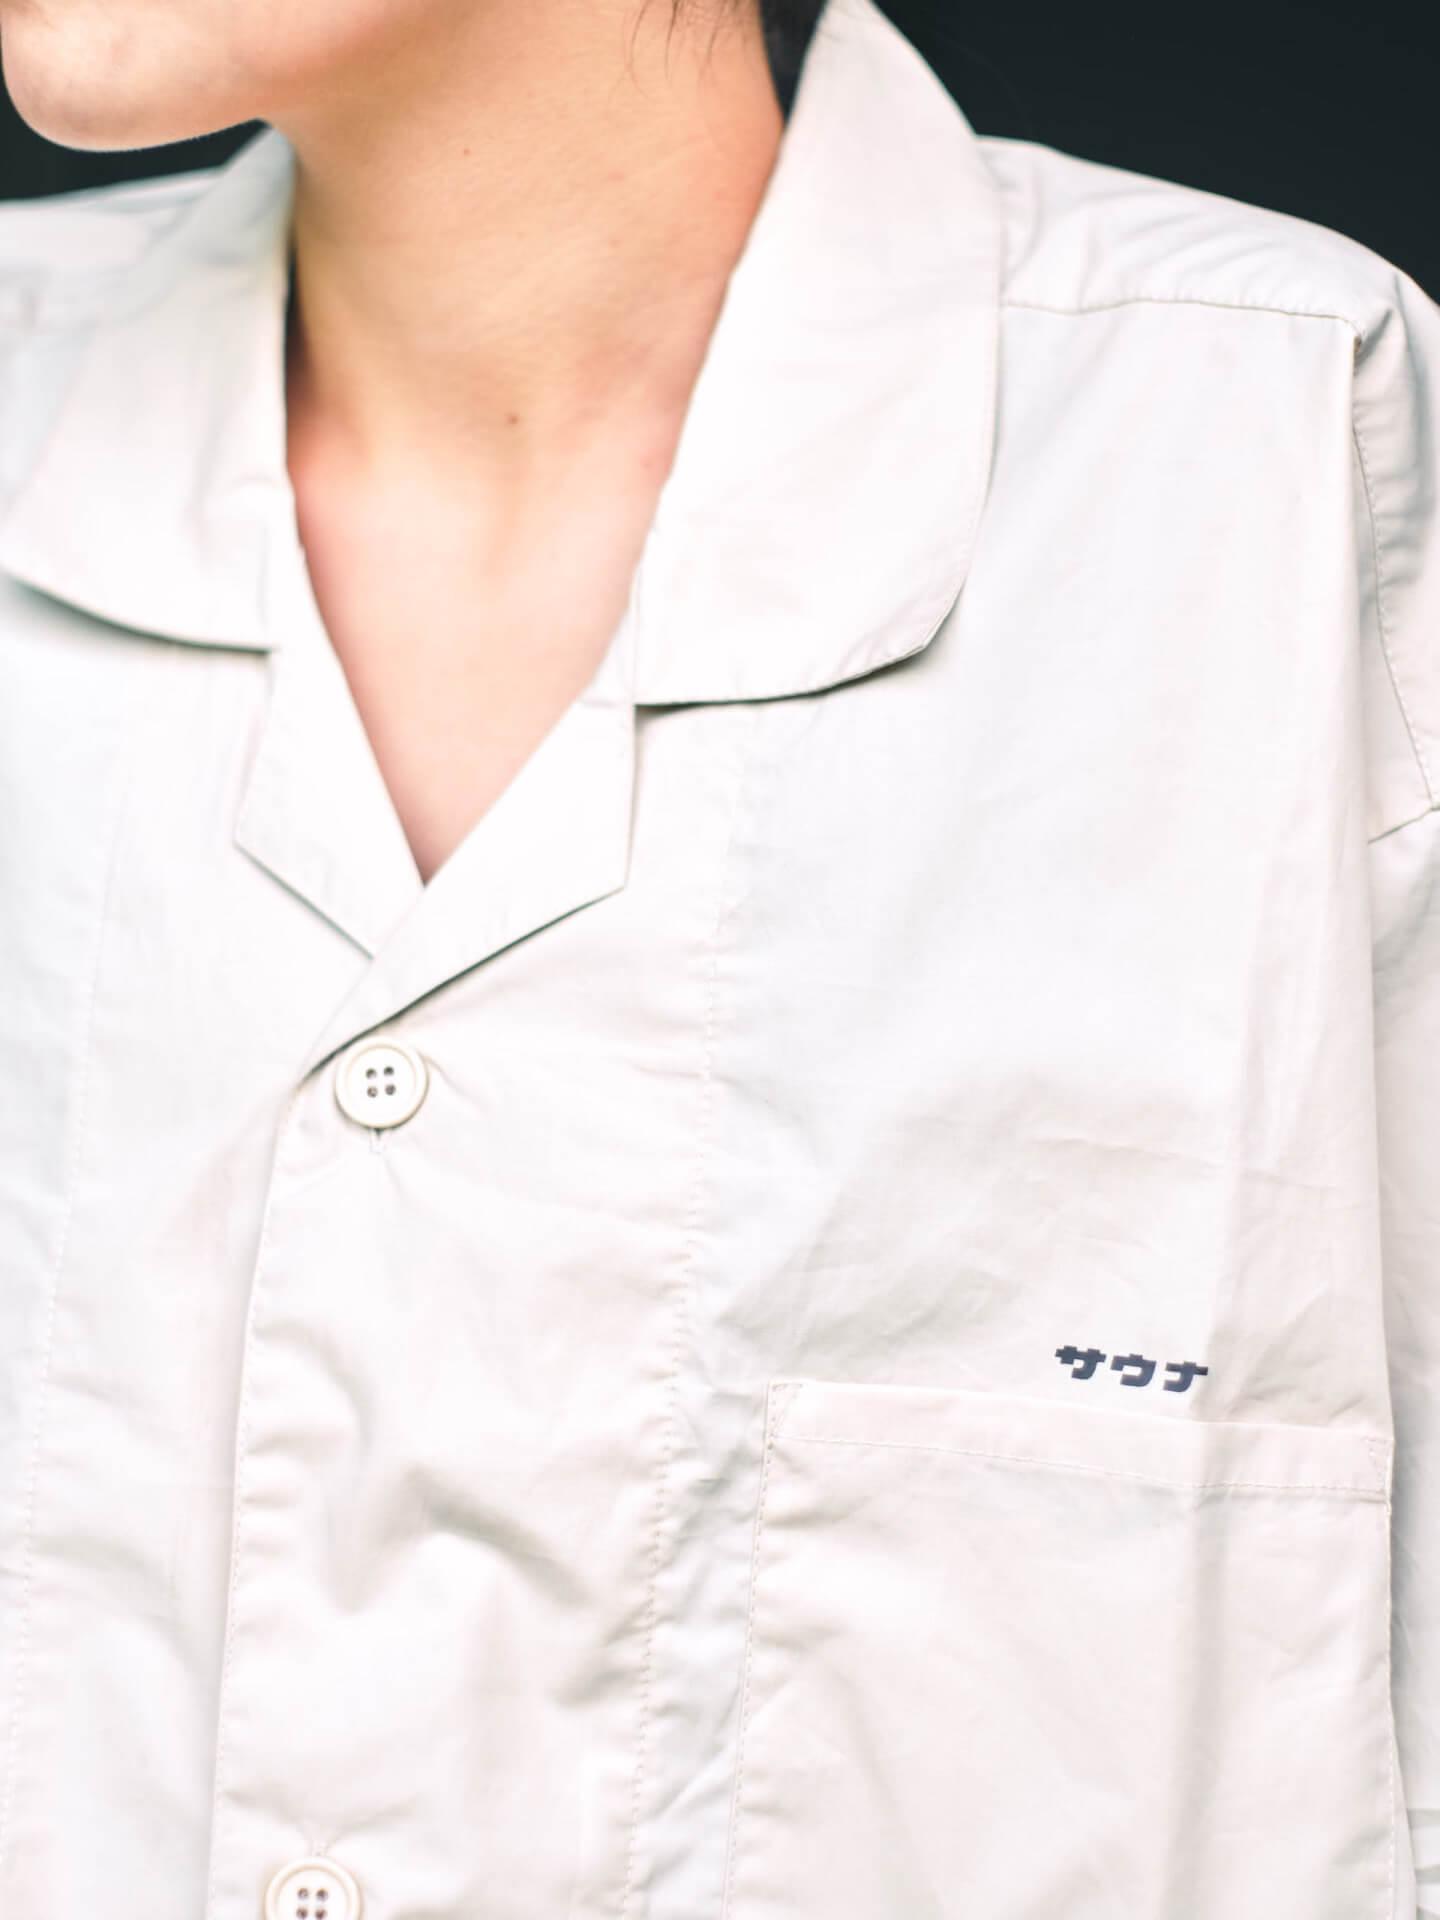 サウナイキタイのサウナグッズ2021年夏バージョンが発売!ペリカンシャツ、サコッシュなど5アイテムが登場 life210729_saunaikitai_18